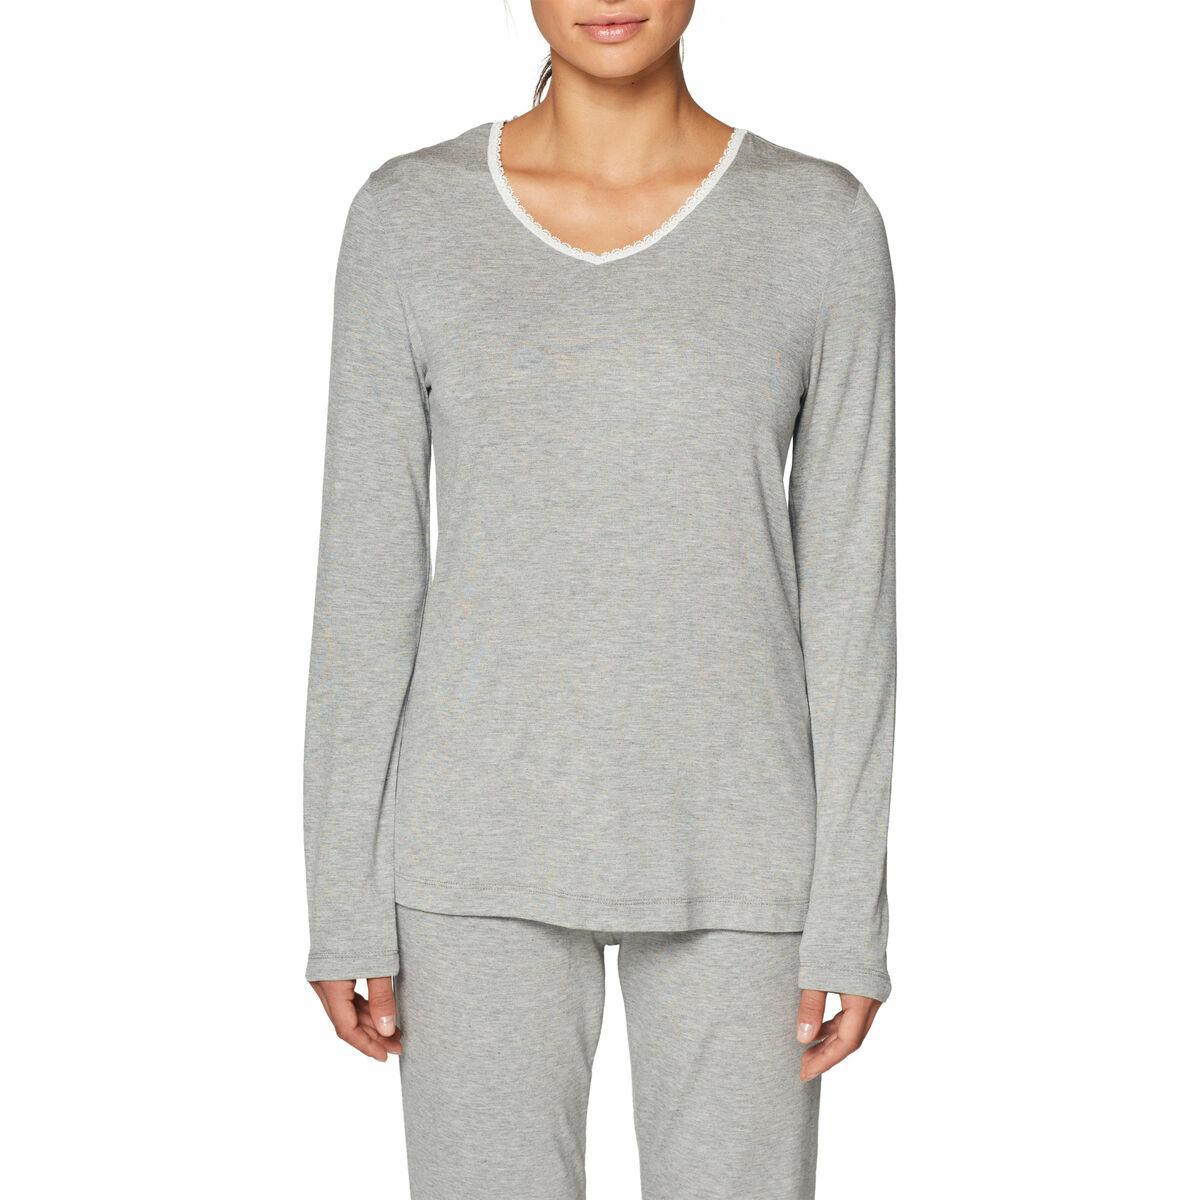 Bild 2 von Esprit Damen Shirt, langarm